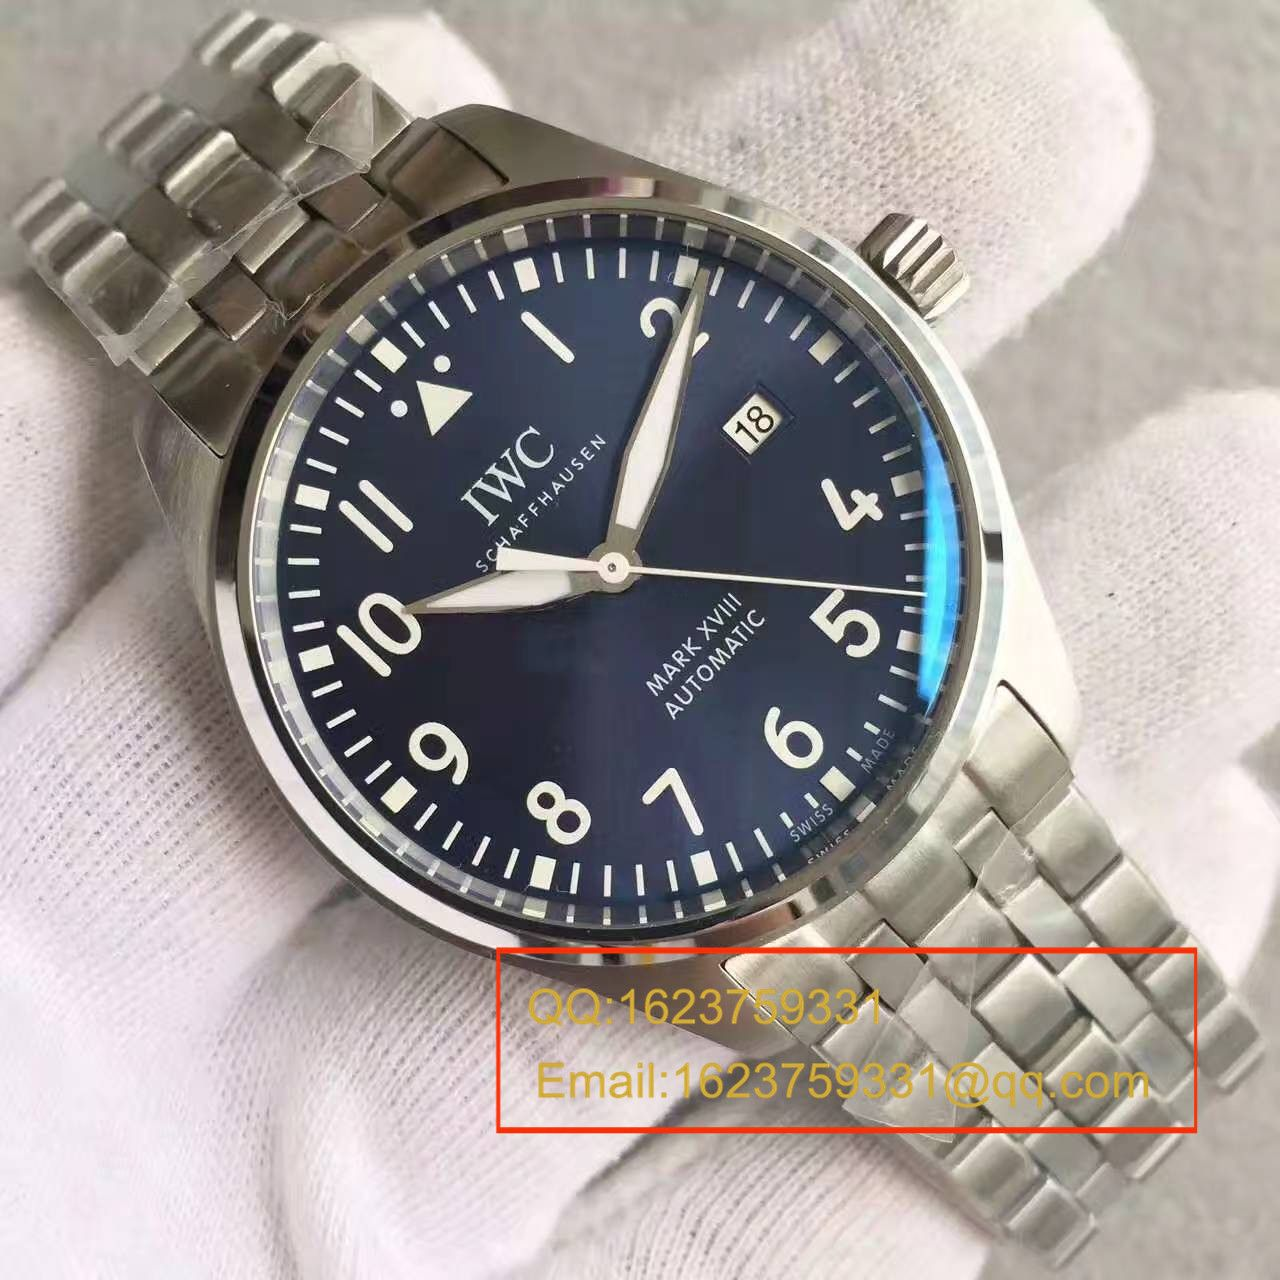 【独家视频测评MK厂1:1顶级精仿手表】万国飞行员马克十八飞行员腕表系列IW327011腕表 / WG243